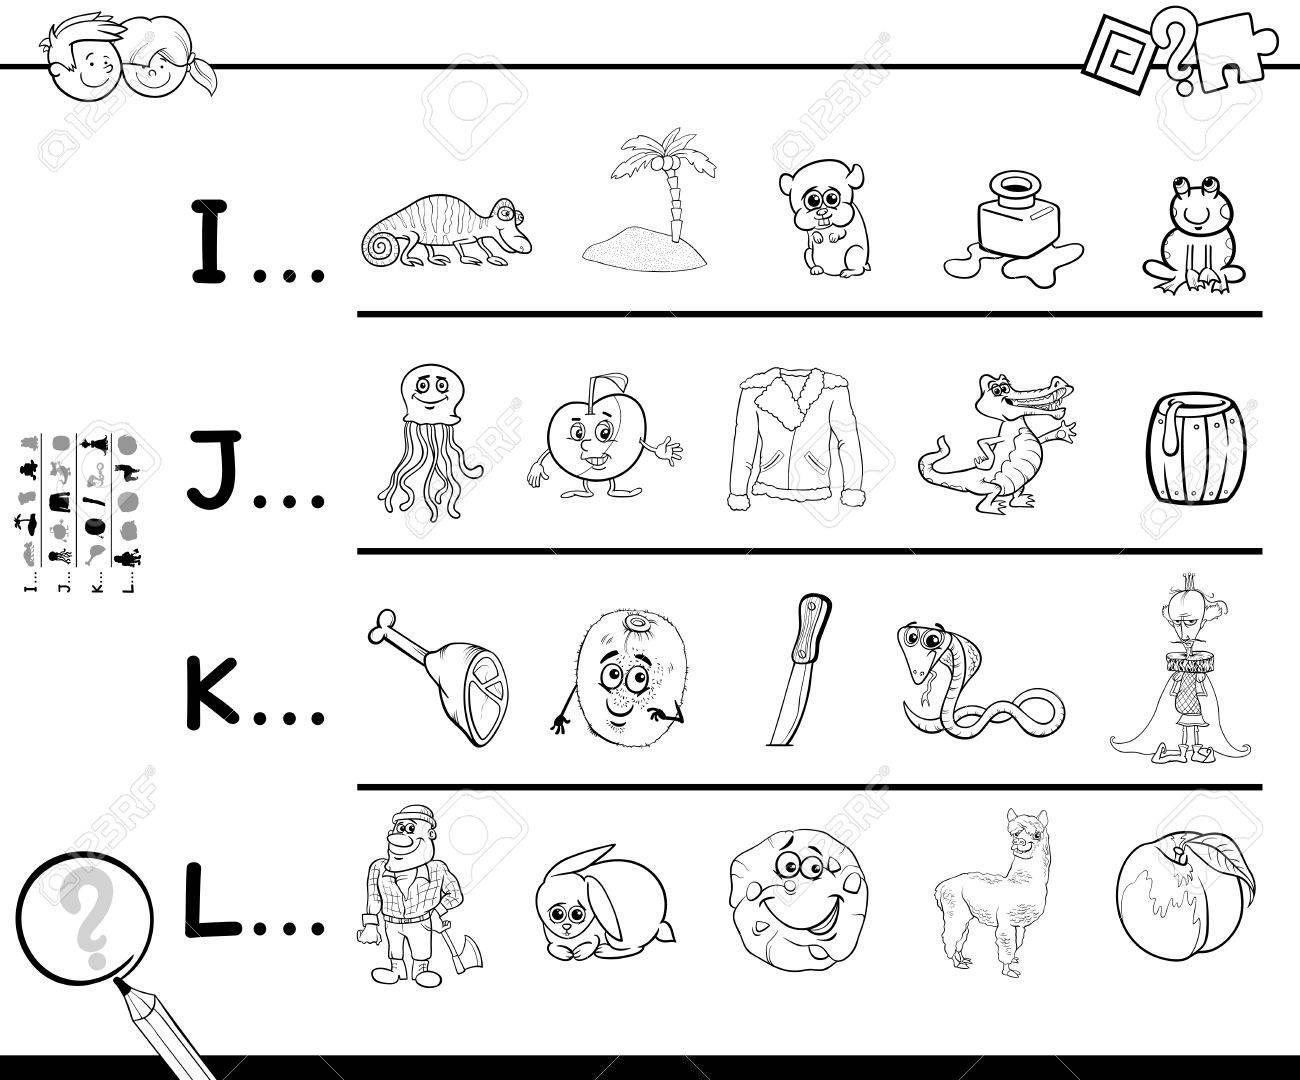 Schwarz-Weiß-Cartoon Illustration Der Suche Bilder Beginnend Mit ...